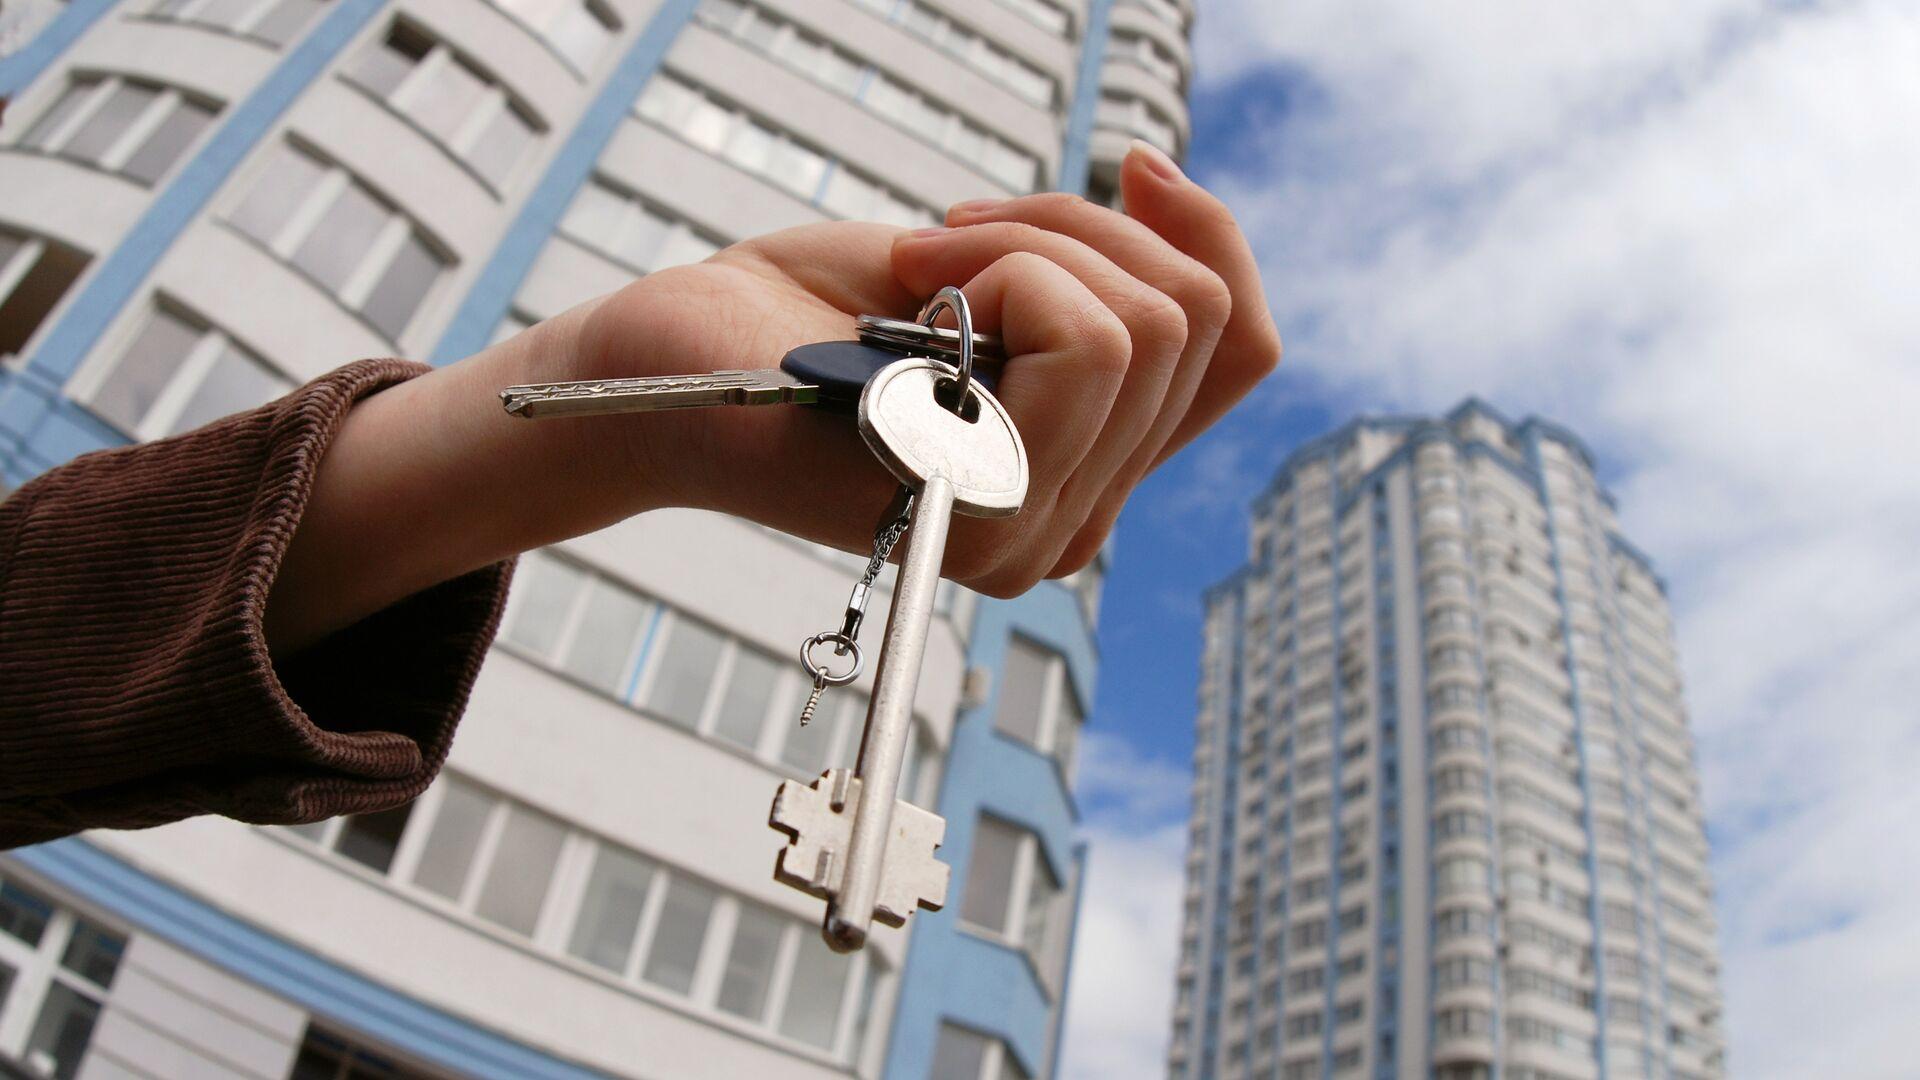 Ключи от квартиры. Архивное фото - РИА Новости, 1920, 14.01.2021